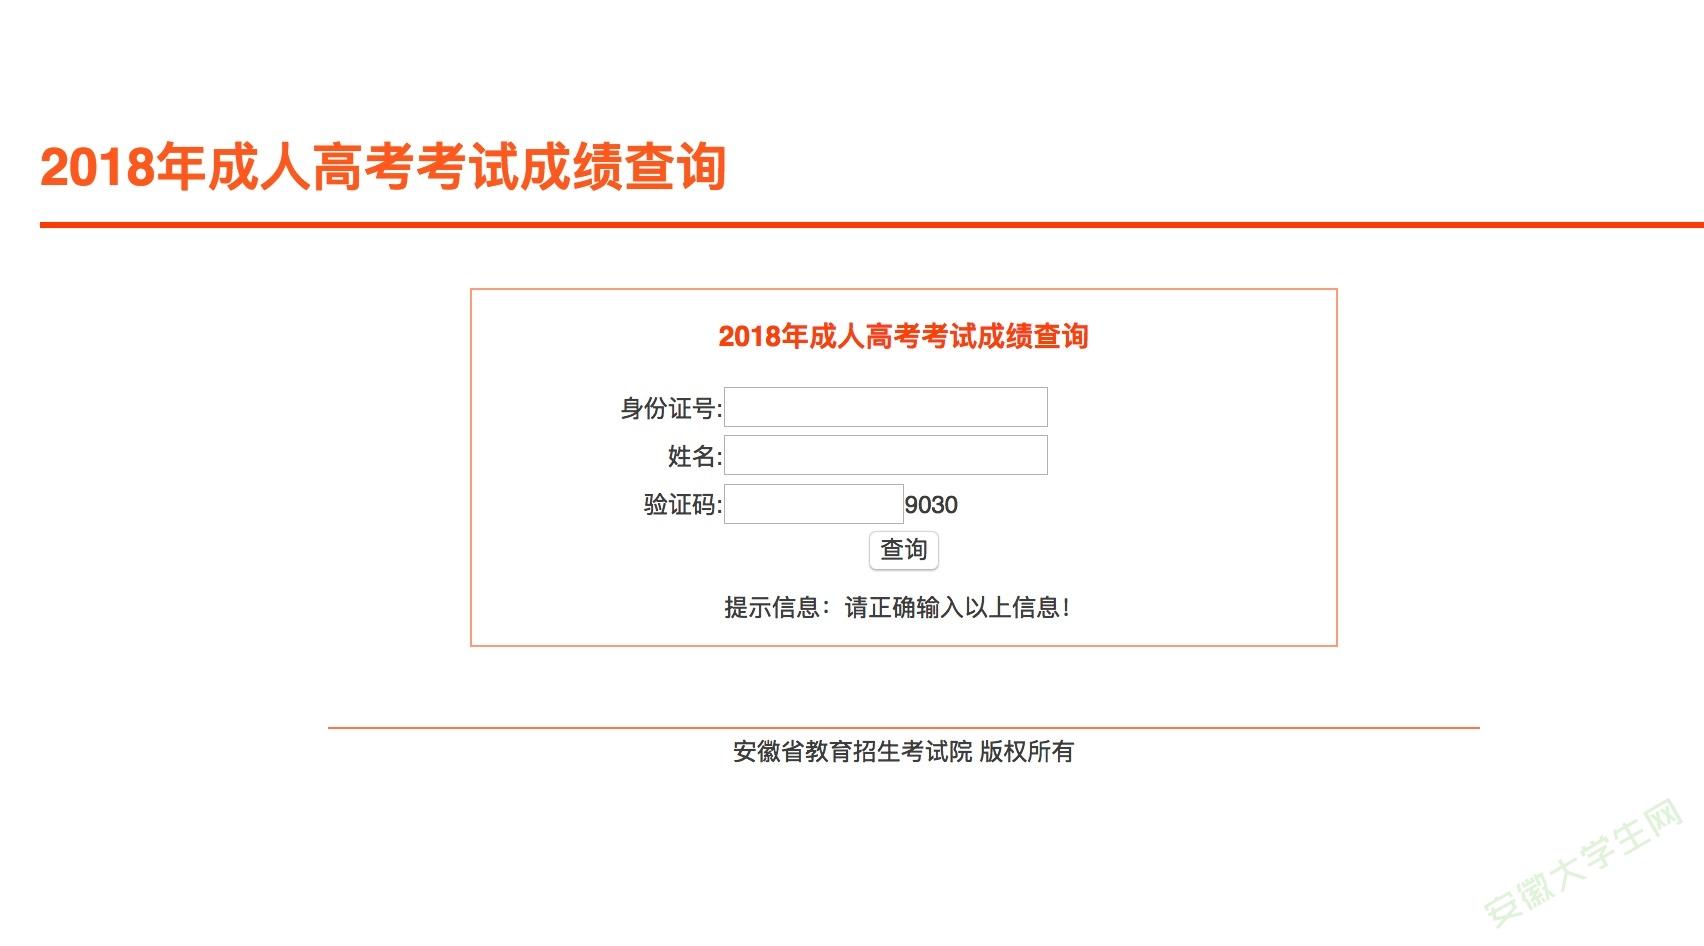 2018年安徽省成人高考考试成绩发布了,快来查询你的成考成绩吧